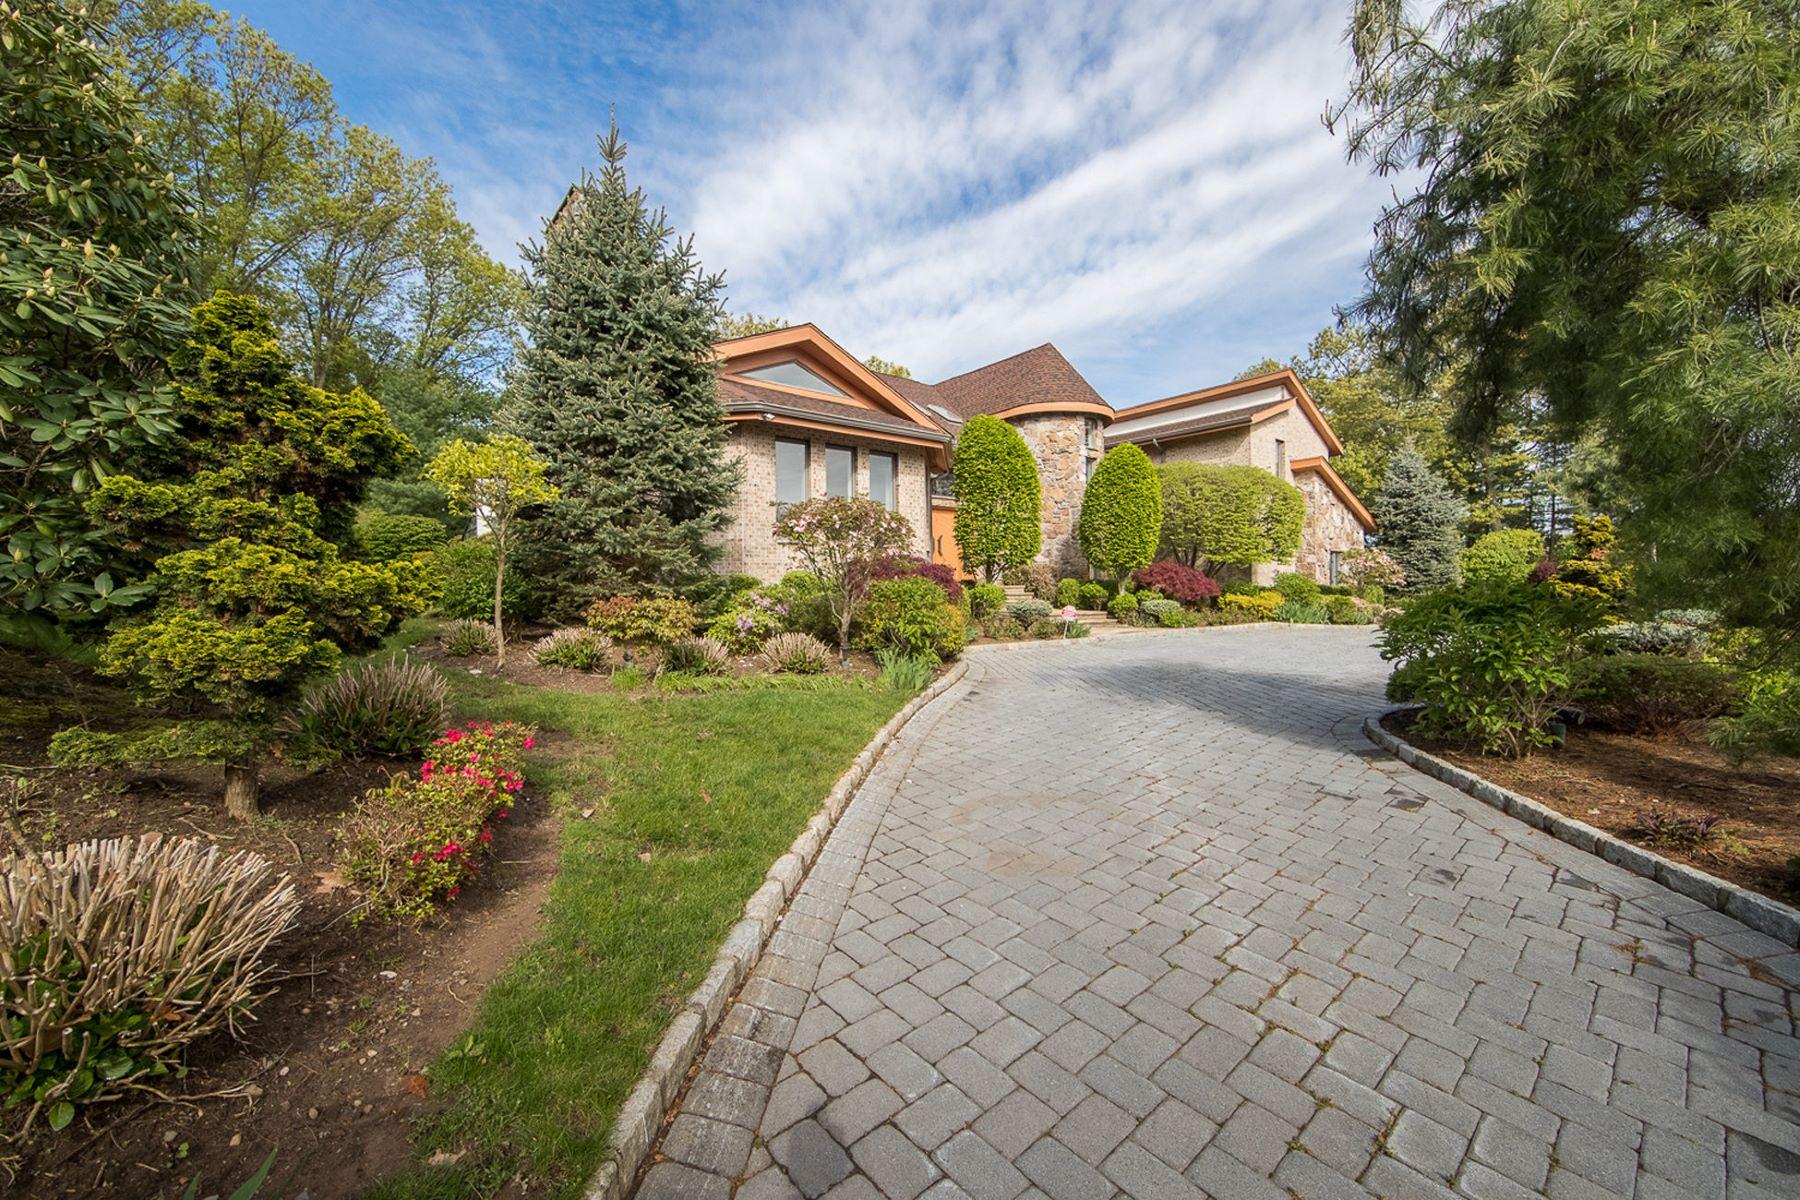 Частный односемейный дом для того Продажа на Rio Vista Contemporary Residence 291 Truman Dr Cresskill, Нью-Джерси, 07624 Соединенные Штаты